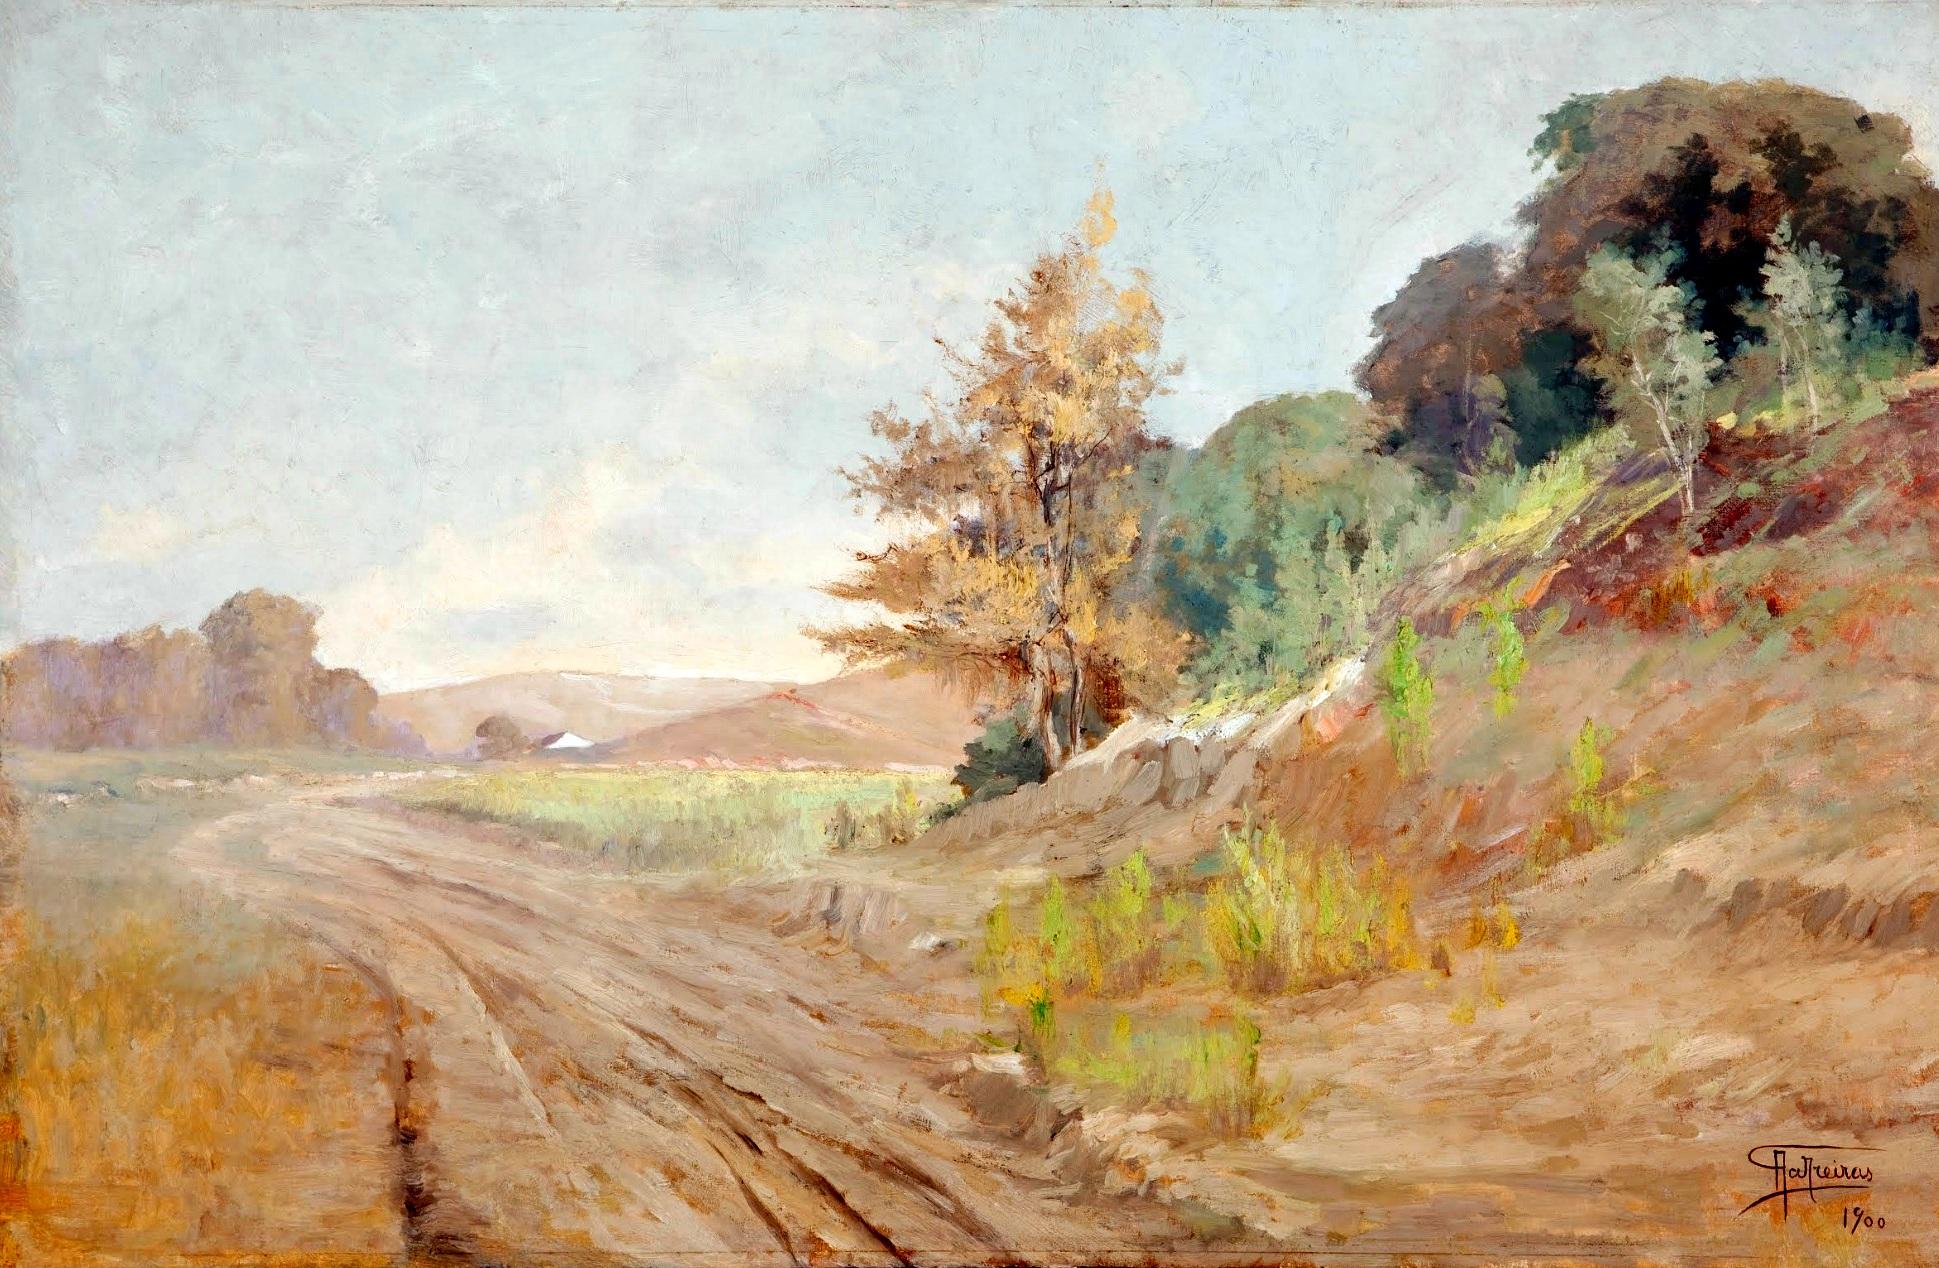 File:Antônio Parreiras - Dia de mormaço, 1900.jpg